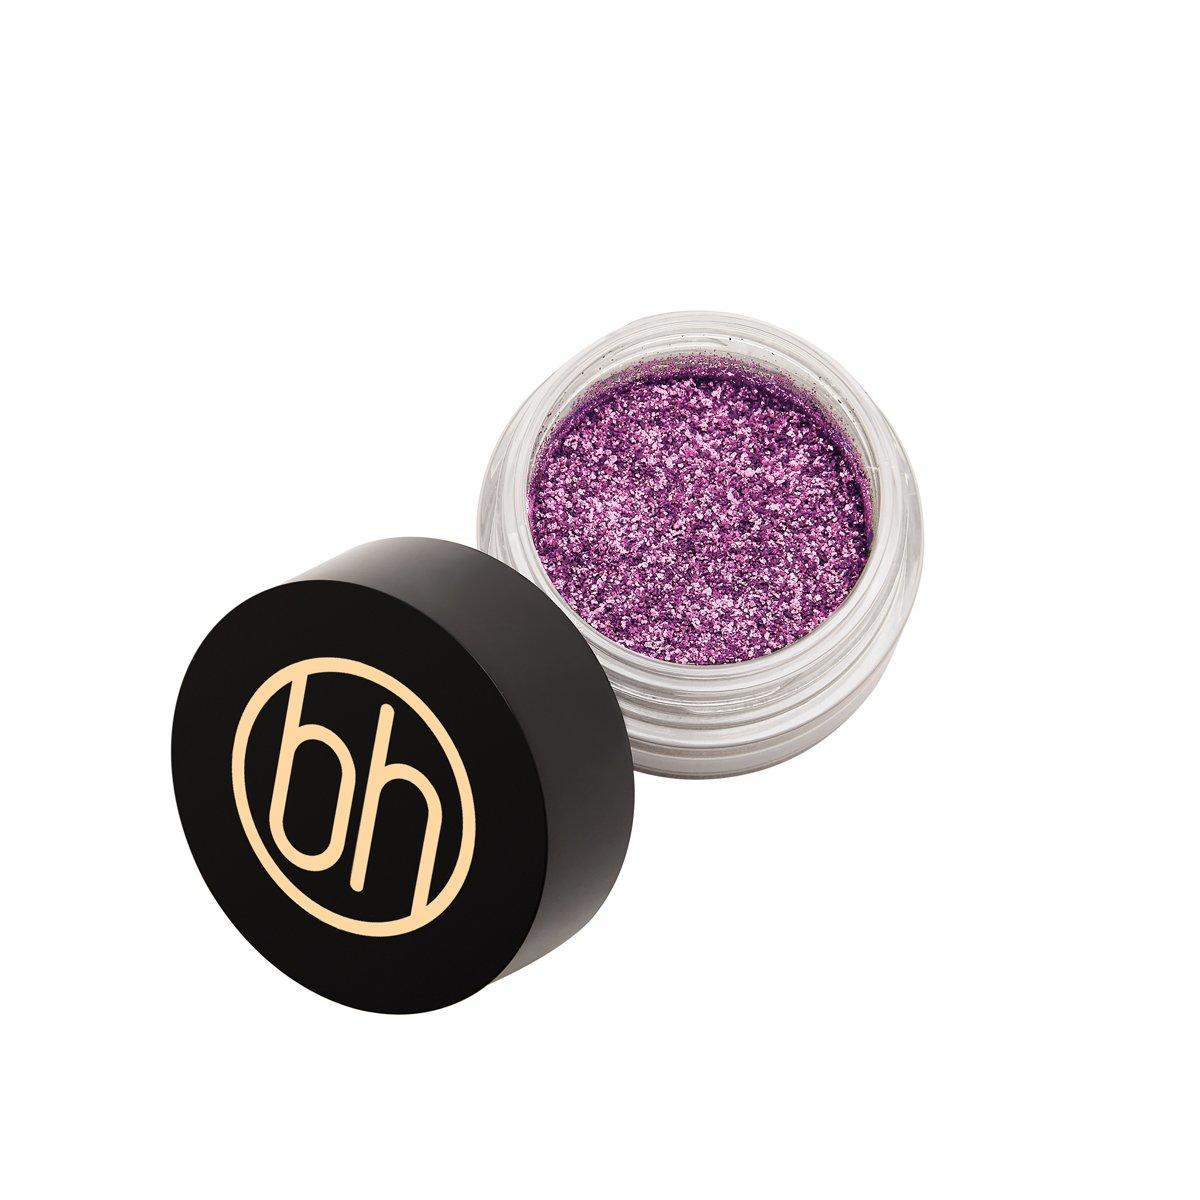 BH Cosmetics Diamond Dazzlers Loose Pigment Exquisite